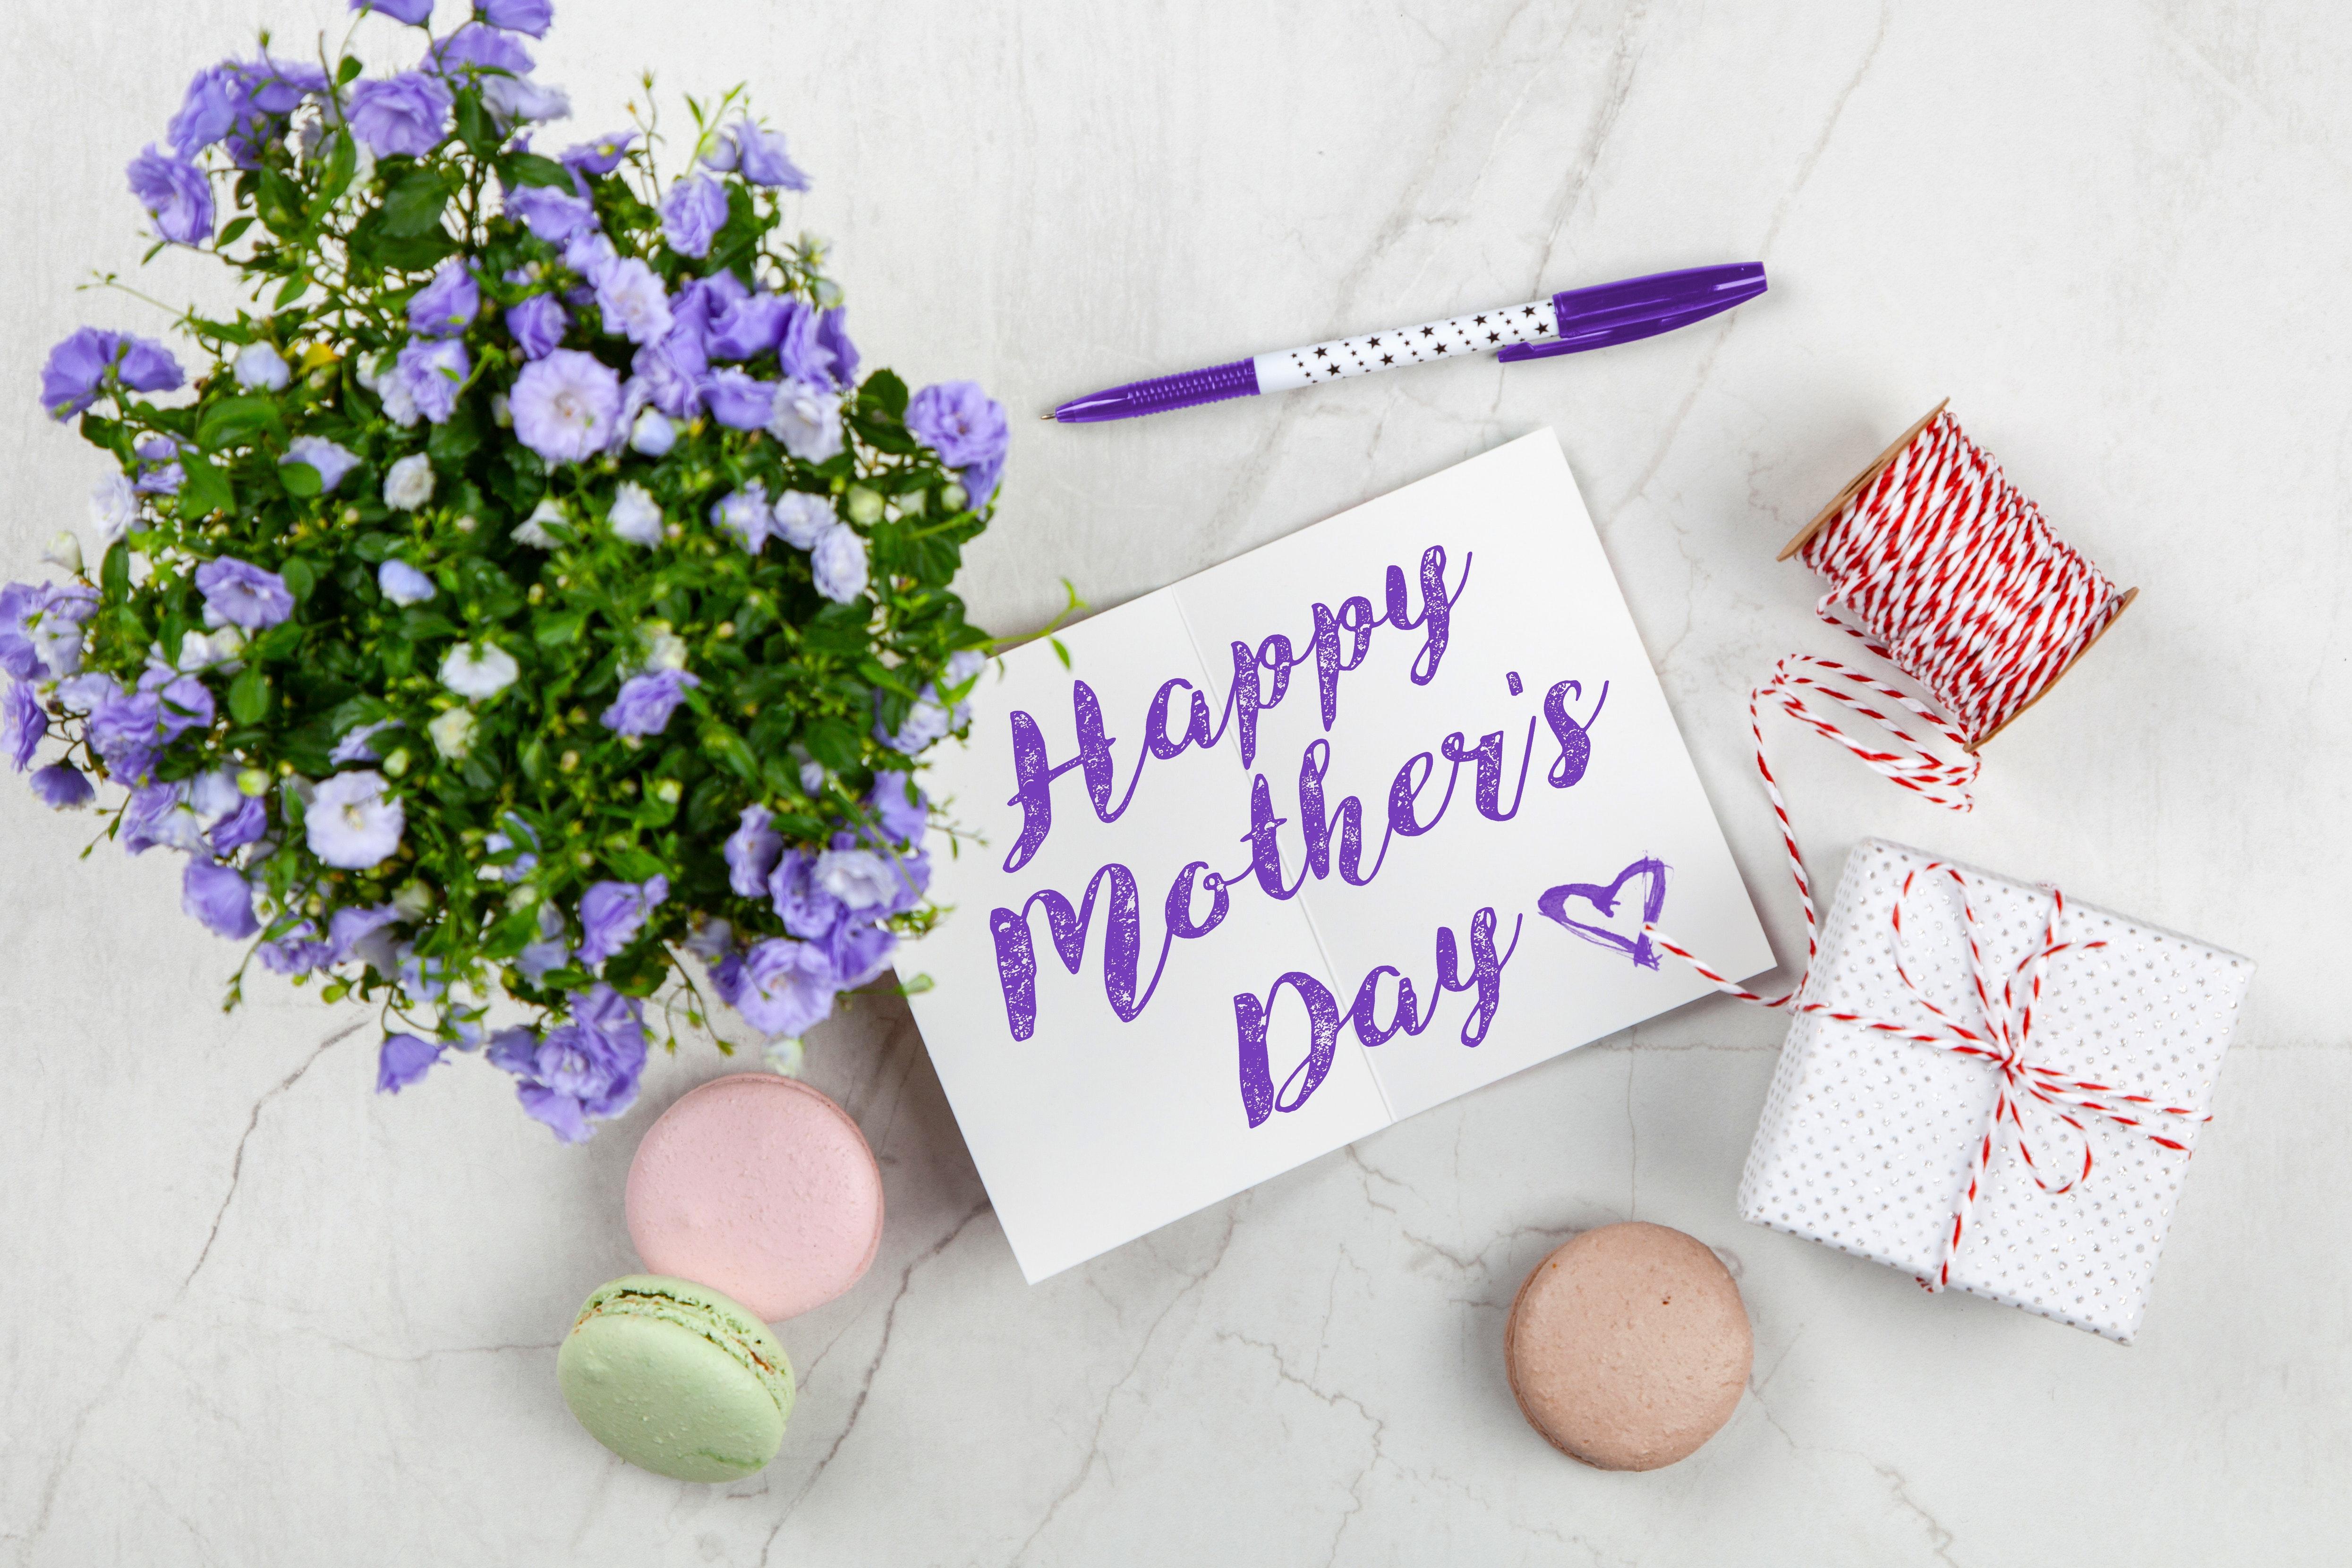 Moederdag! Zet je moeder in het zonnetje met deze uitjes of leuke producten!